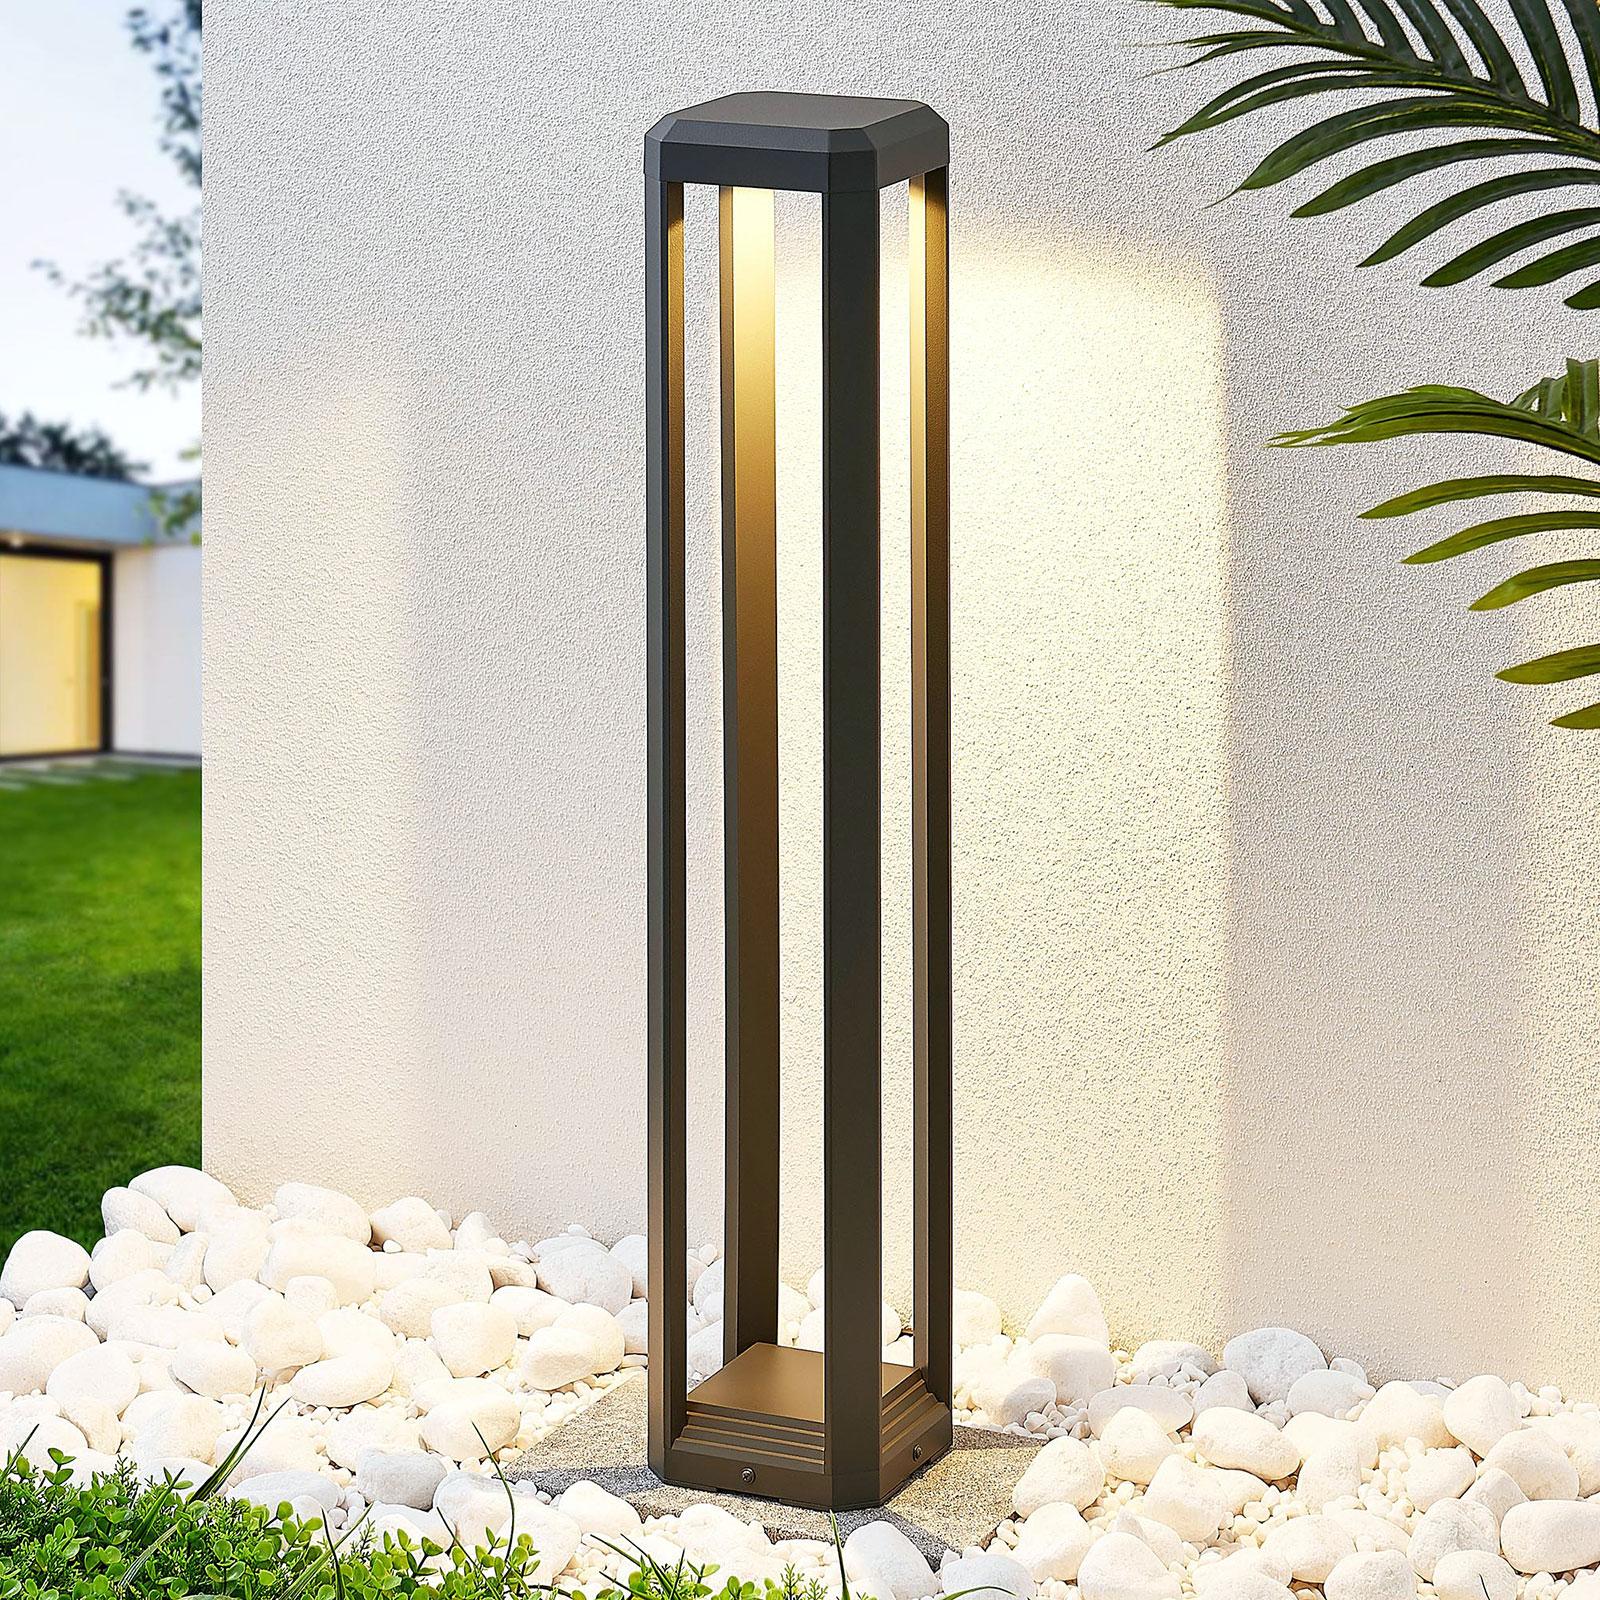 Słupek oświetleniowy LED Fery, antracyt, 80cm